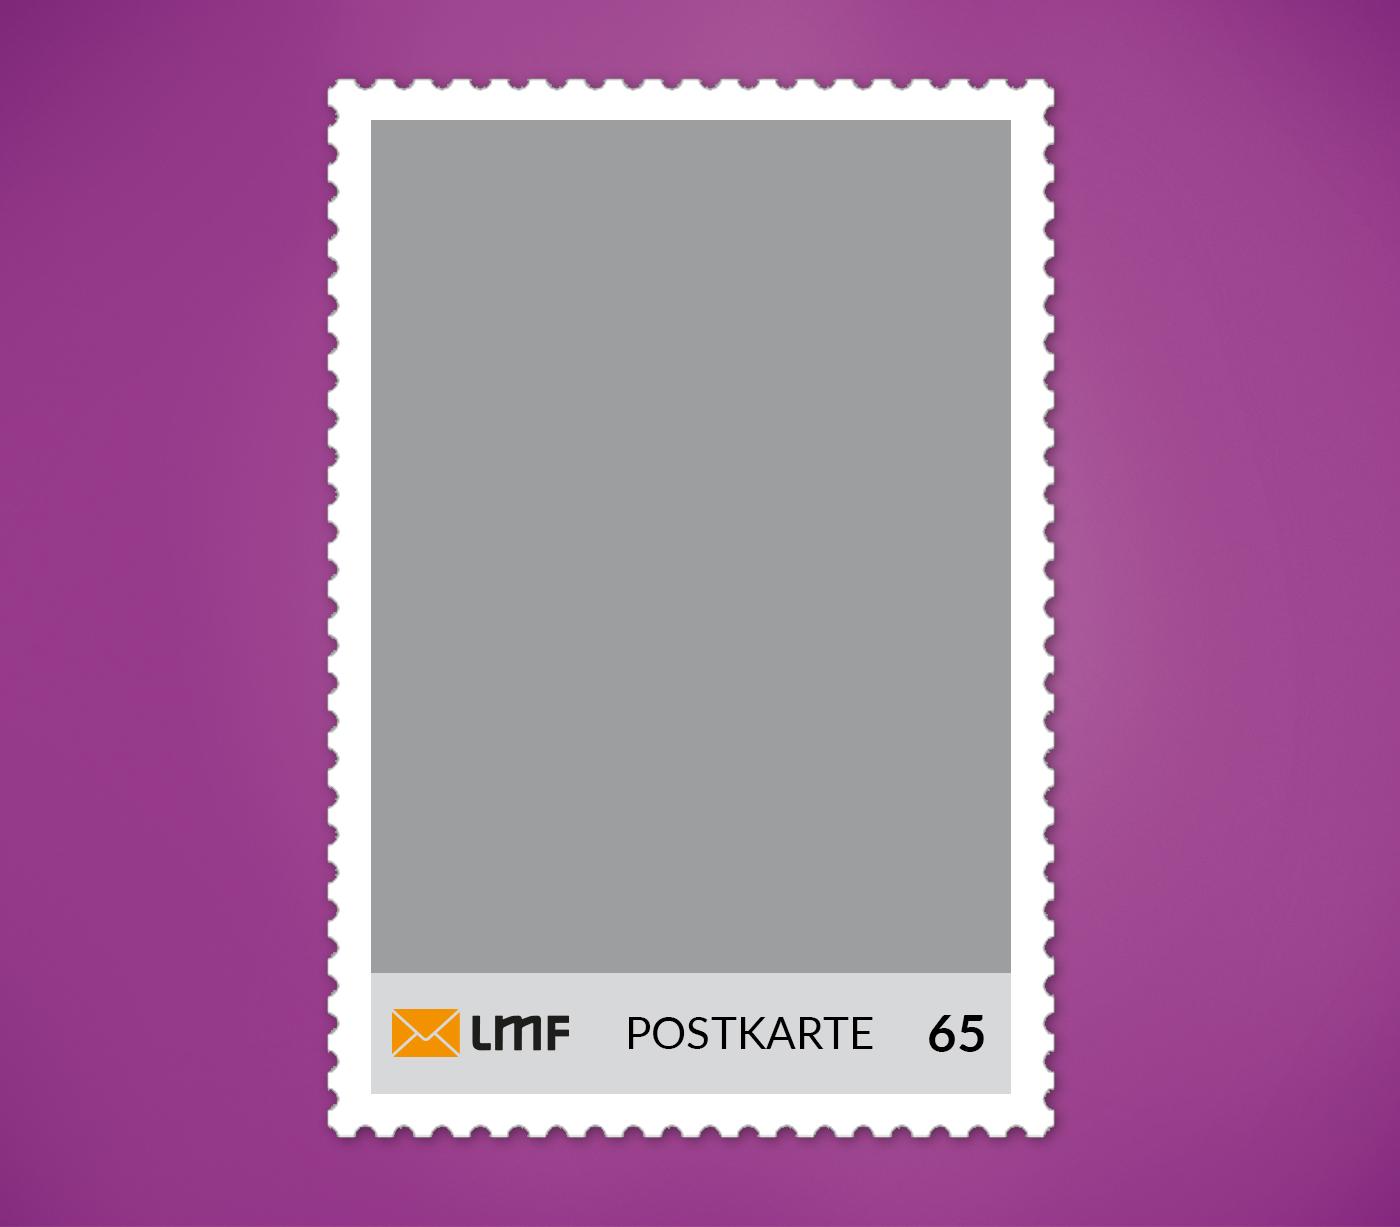 briefmarken selber gestalten briefmarke postkarte hoch. Black Bedroom Furniture Sets. Home Design Ideas